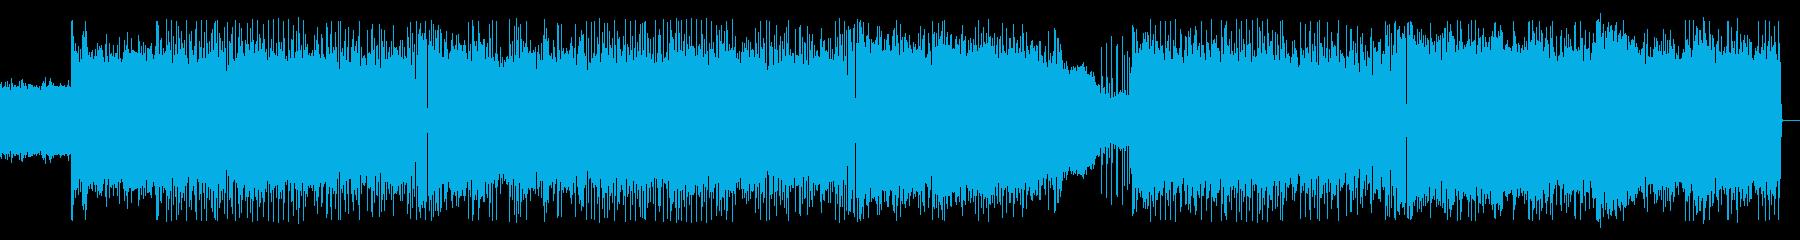 限界に迫る緊迫感なイメージ Remixの再生済みの波形